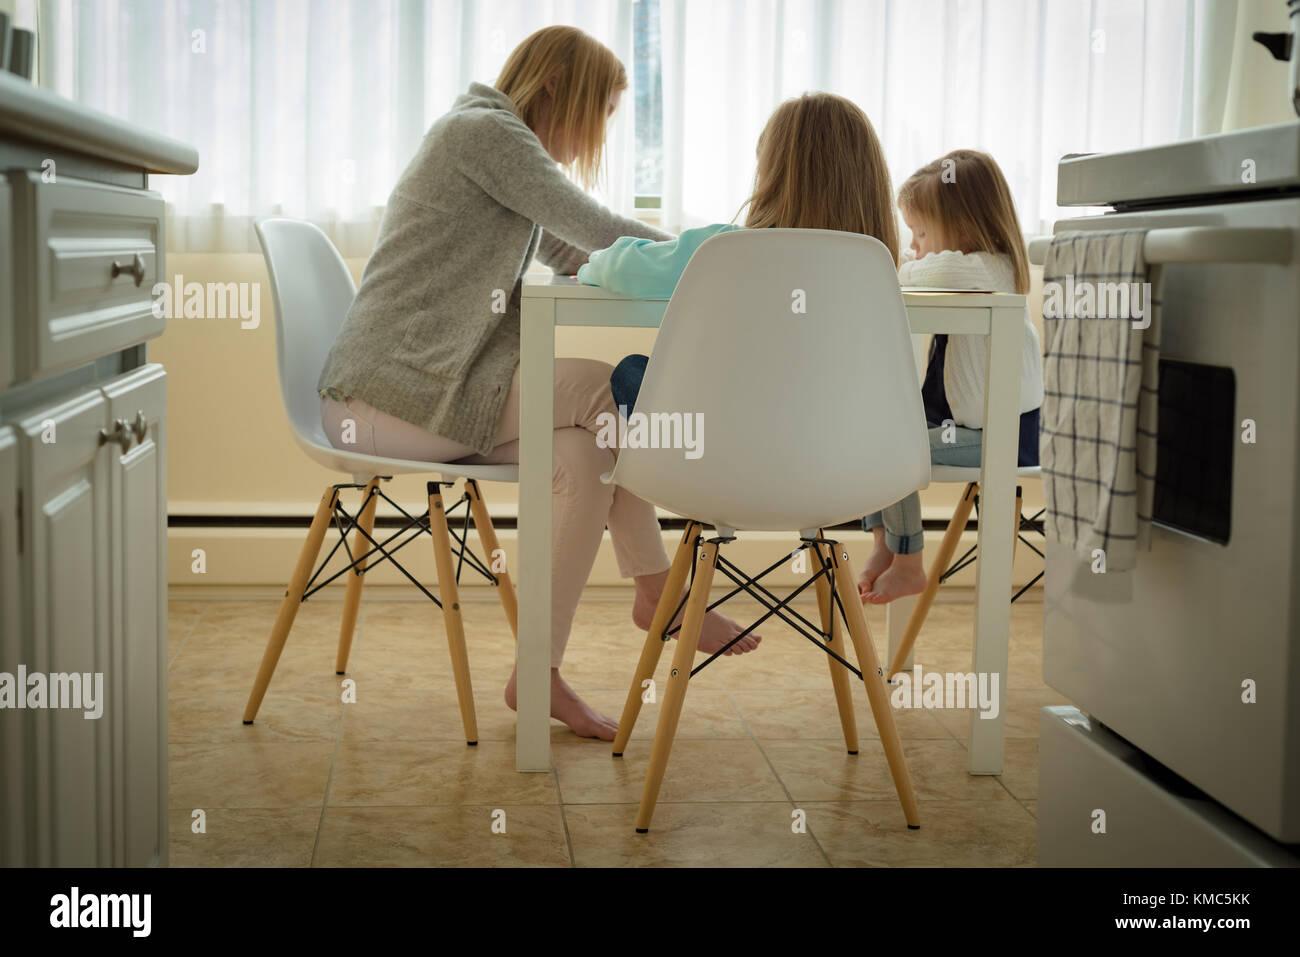 Mutter helfen, ihre Kinder in den Studien Stockbild